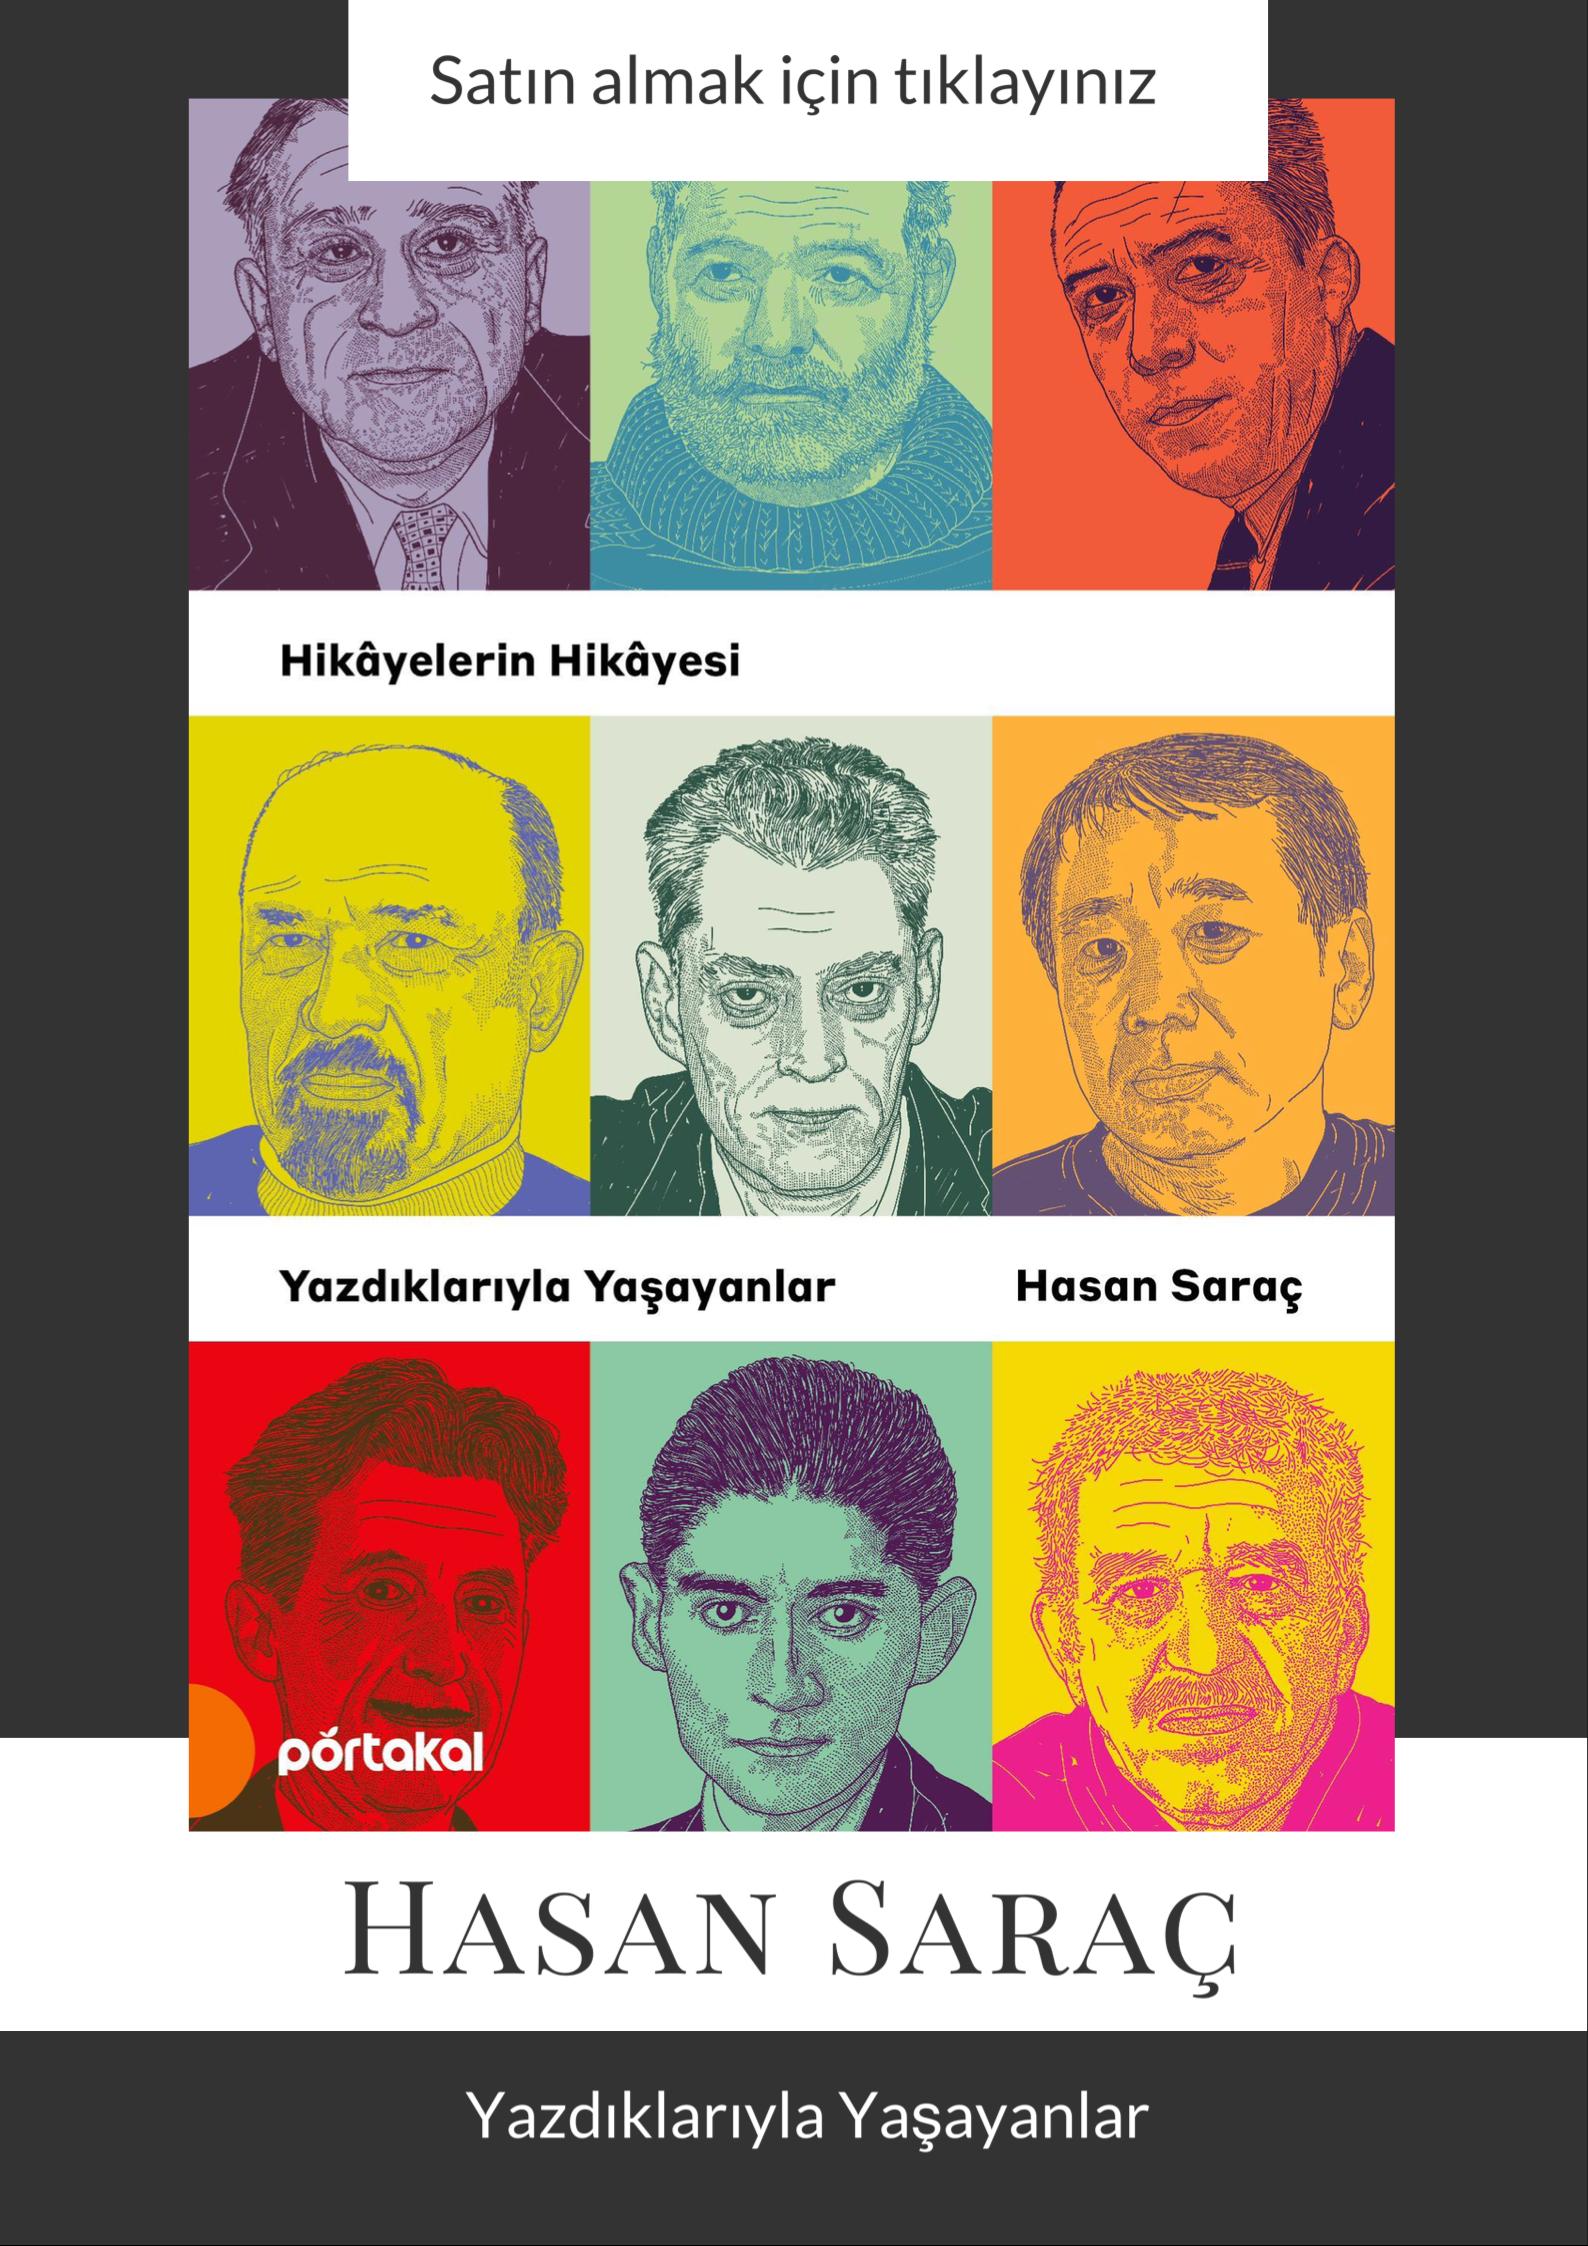 Reklam | 03 |Yazdıklarıyla Yaşayanlar | Hasan Saraç